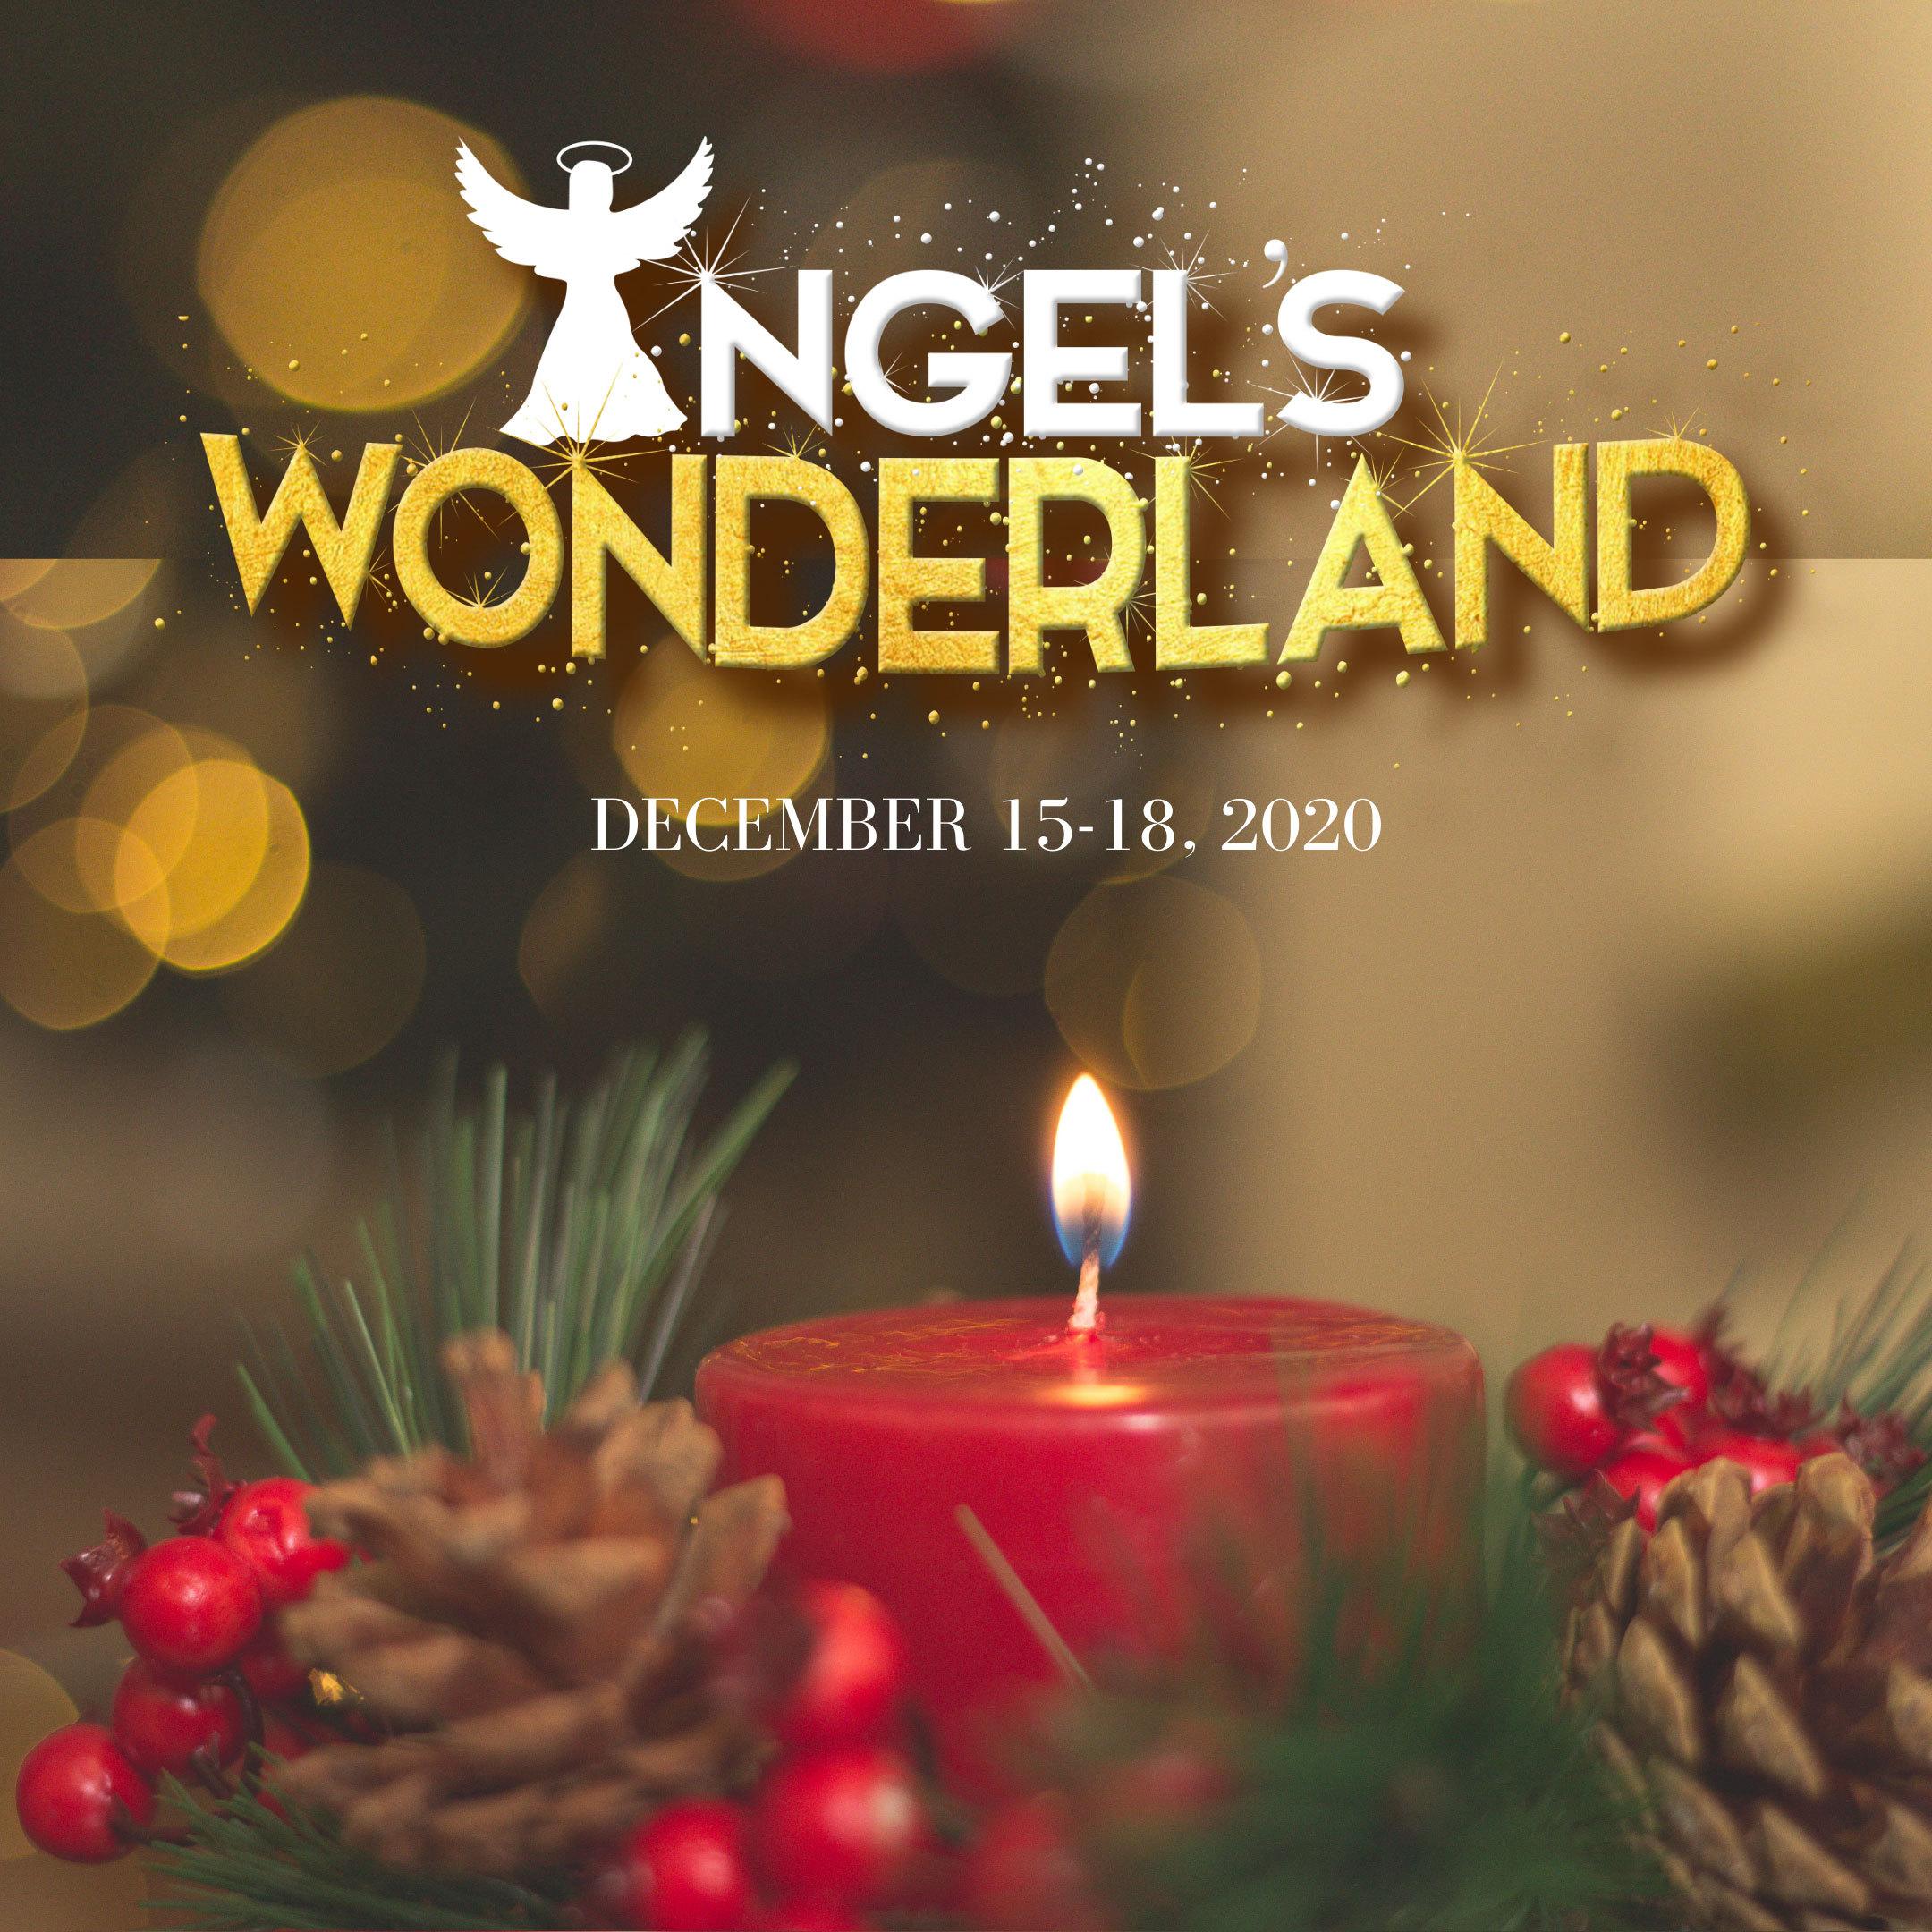 Angel's Wonderland Take Over